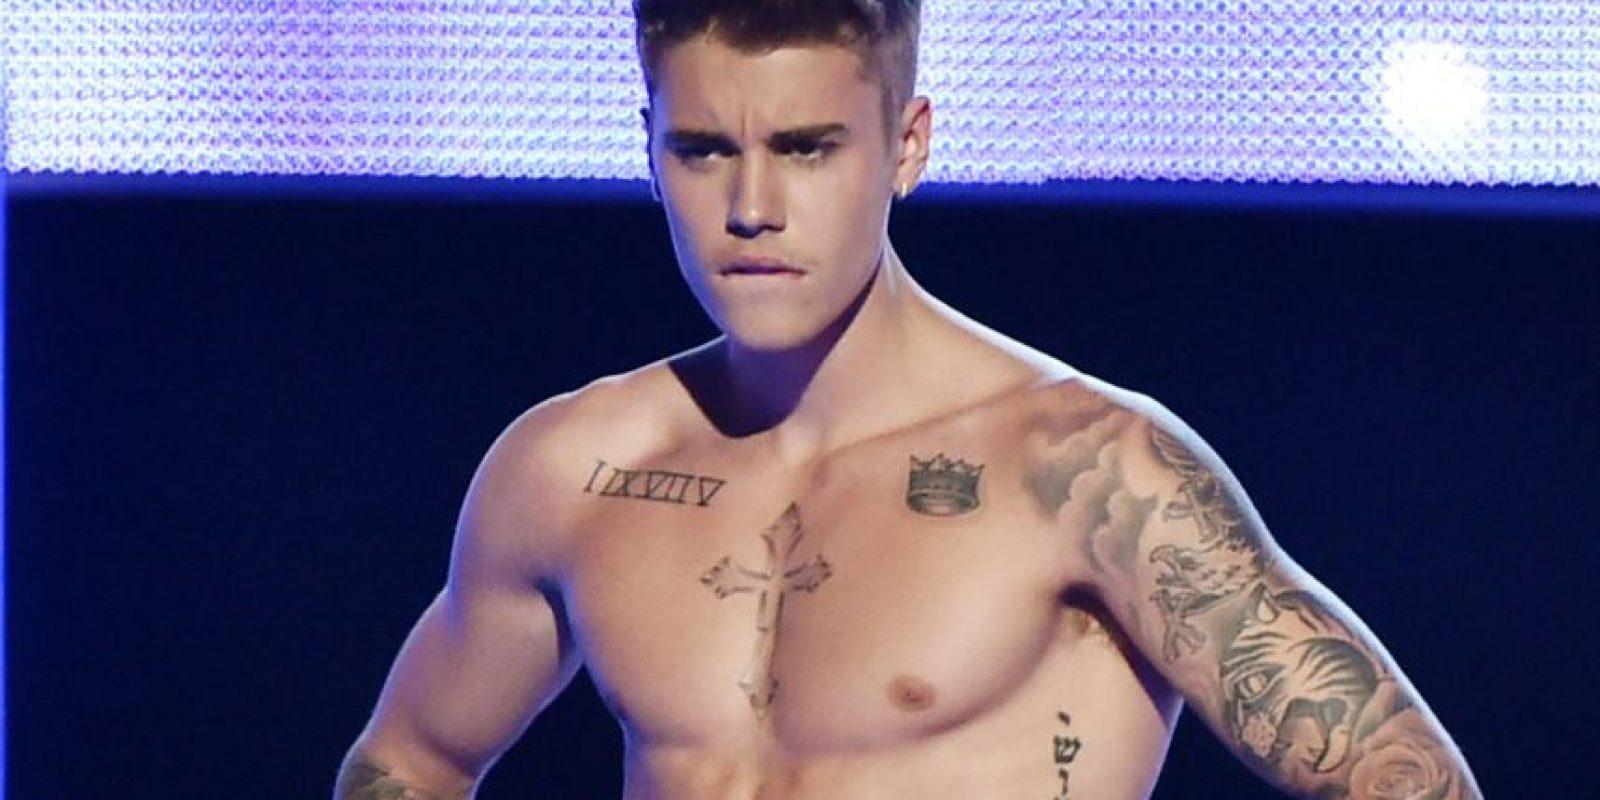 Justin es el segundo artista con más seguidores en Twitter